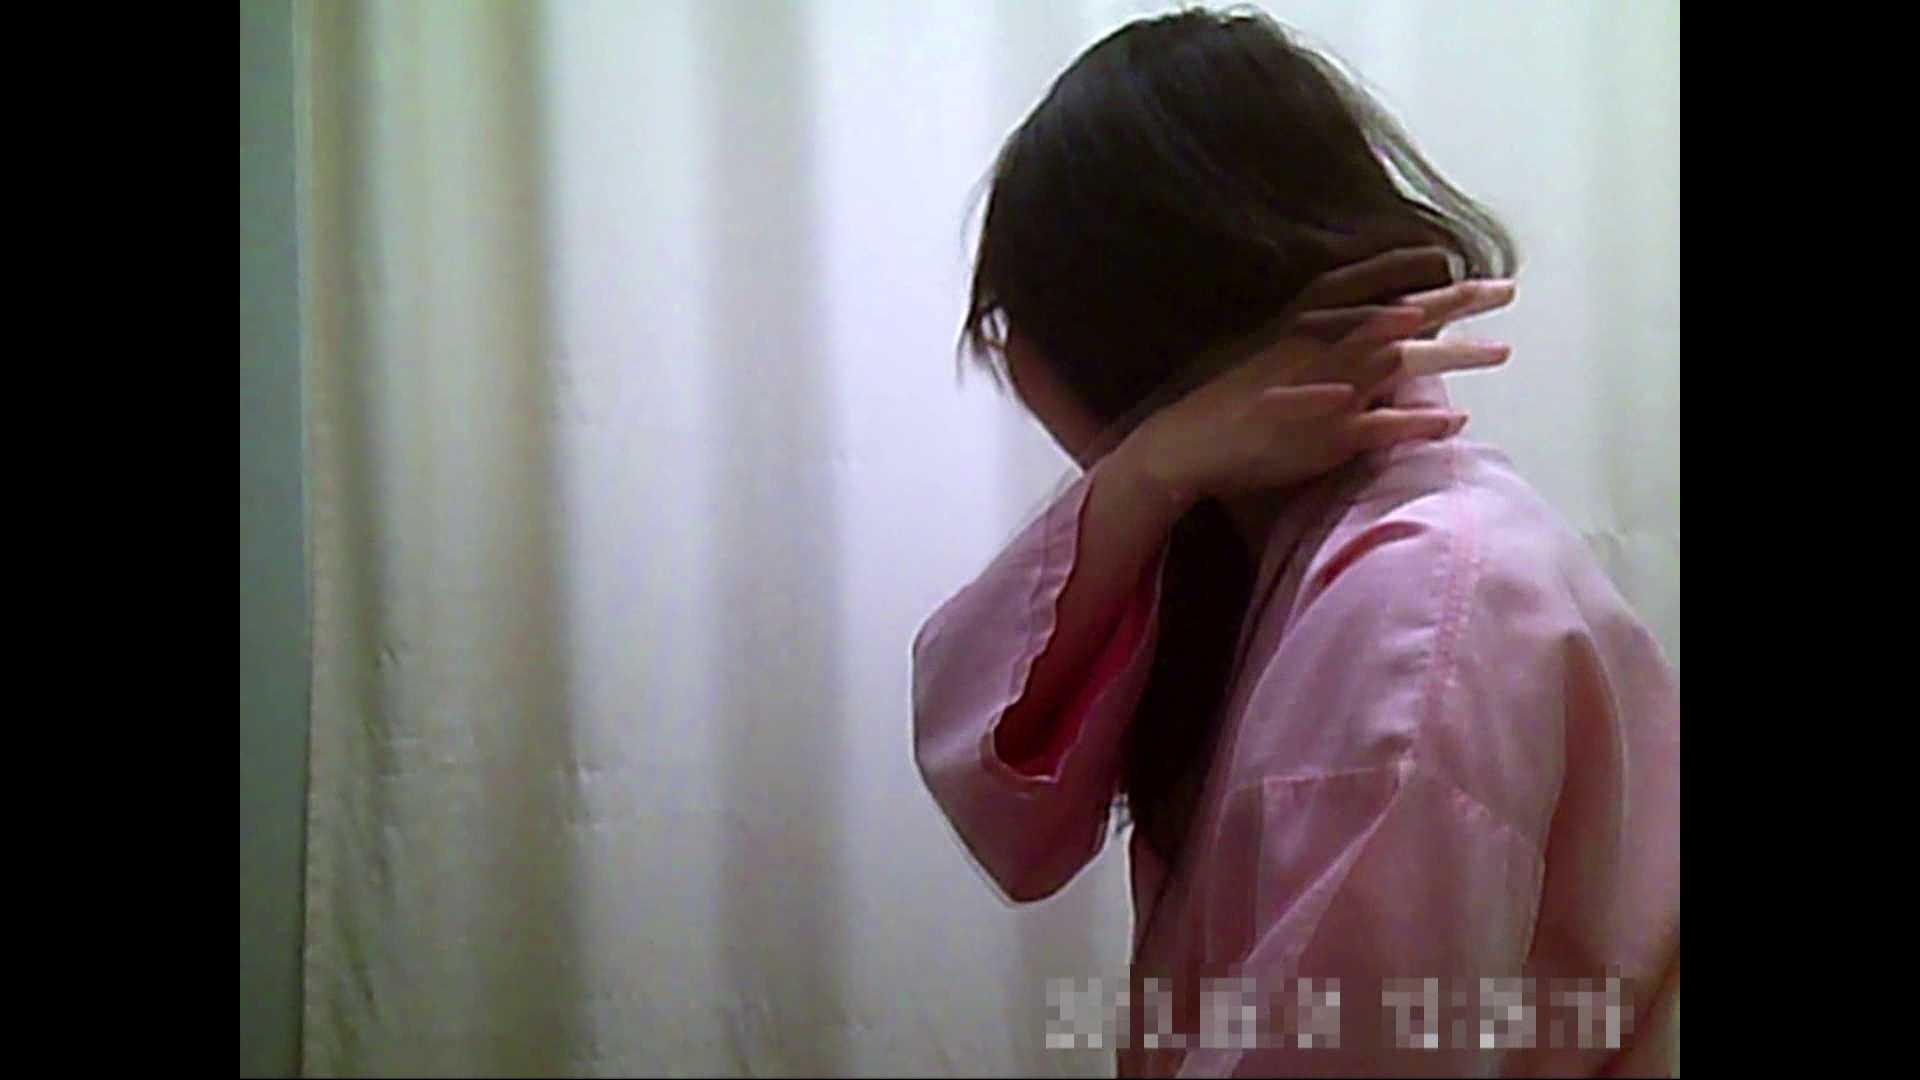 元医者による反抗 更衣室地獄絵巻 vol.090 エッチすぎるOL達  53連発 32